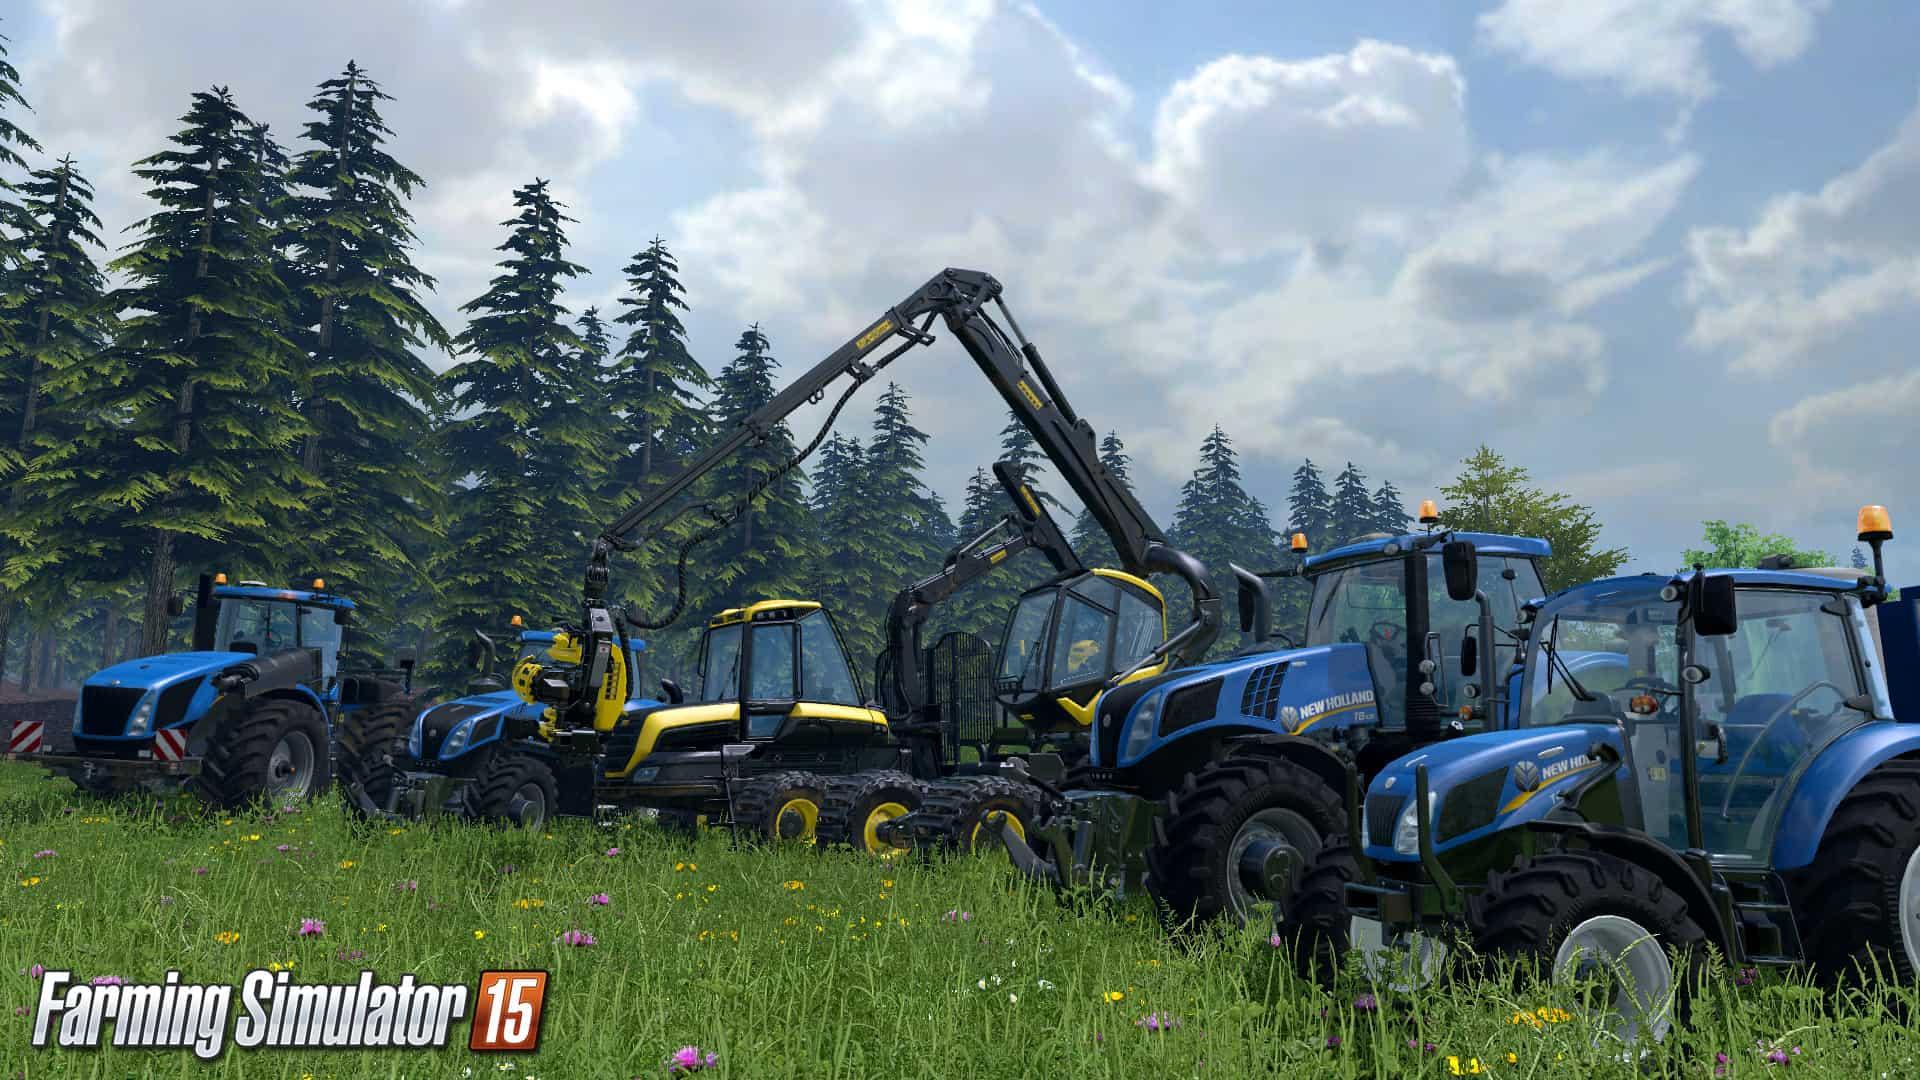 Farming simulator 15 t l chargement complet de jeu pc - Pelleteuse simulator gratuit ...